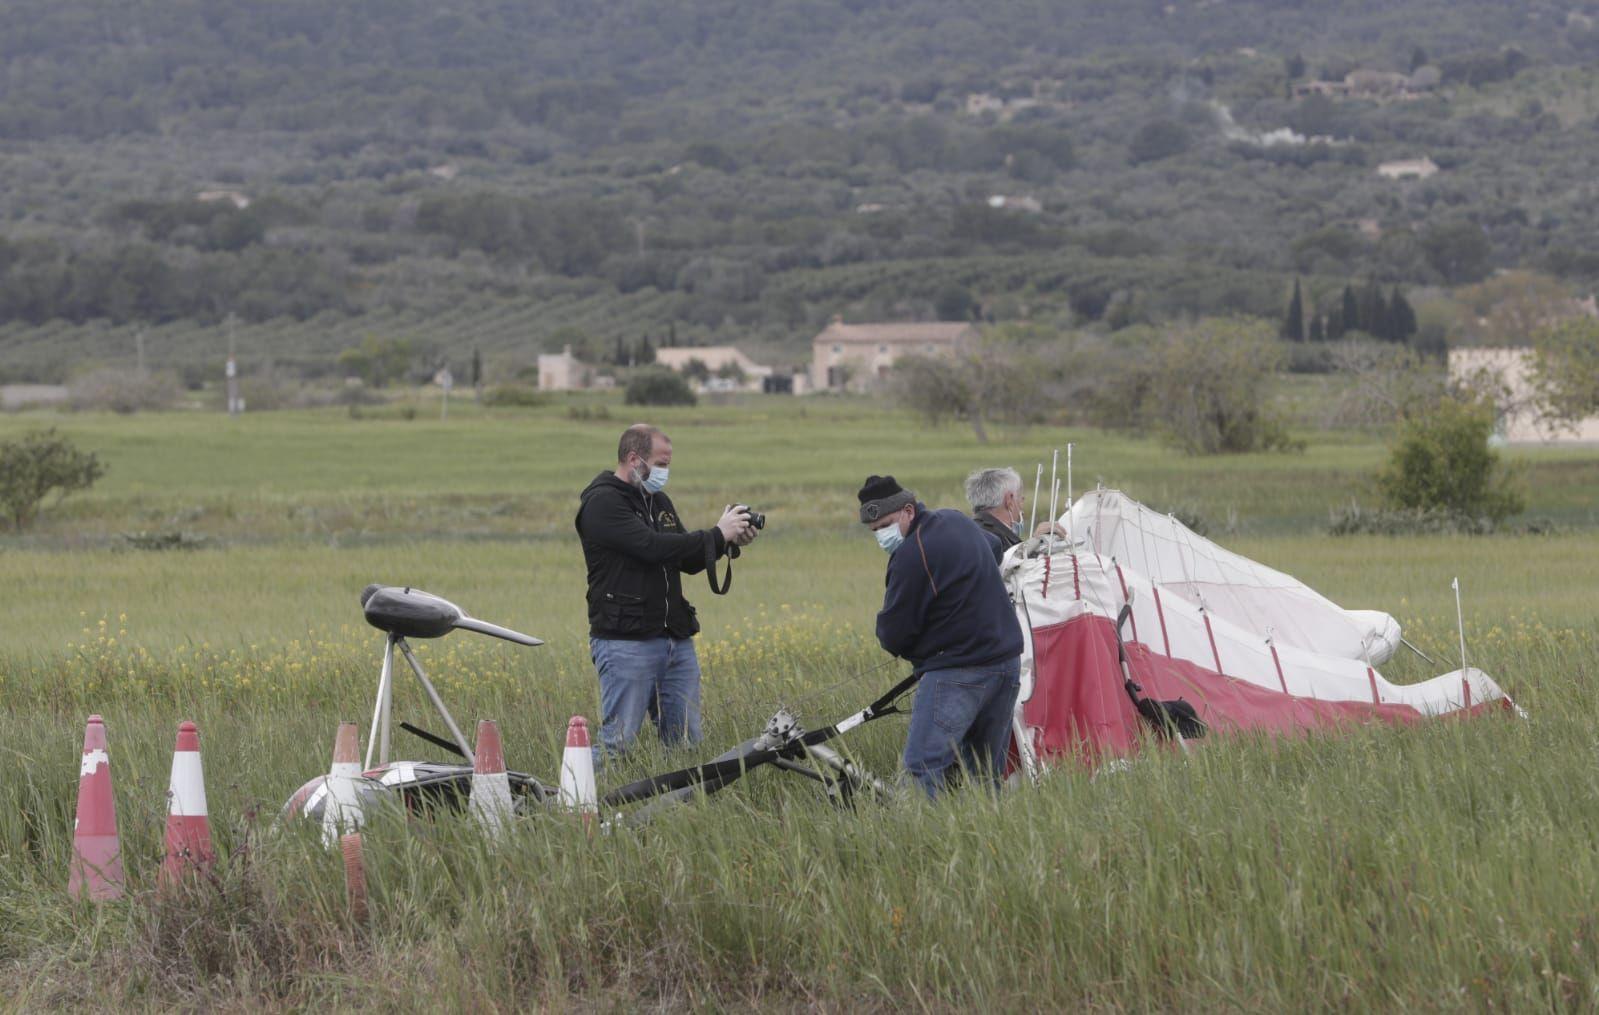 Muere un hombre en un accidente de ala delta en Vilafranca